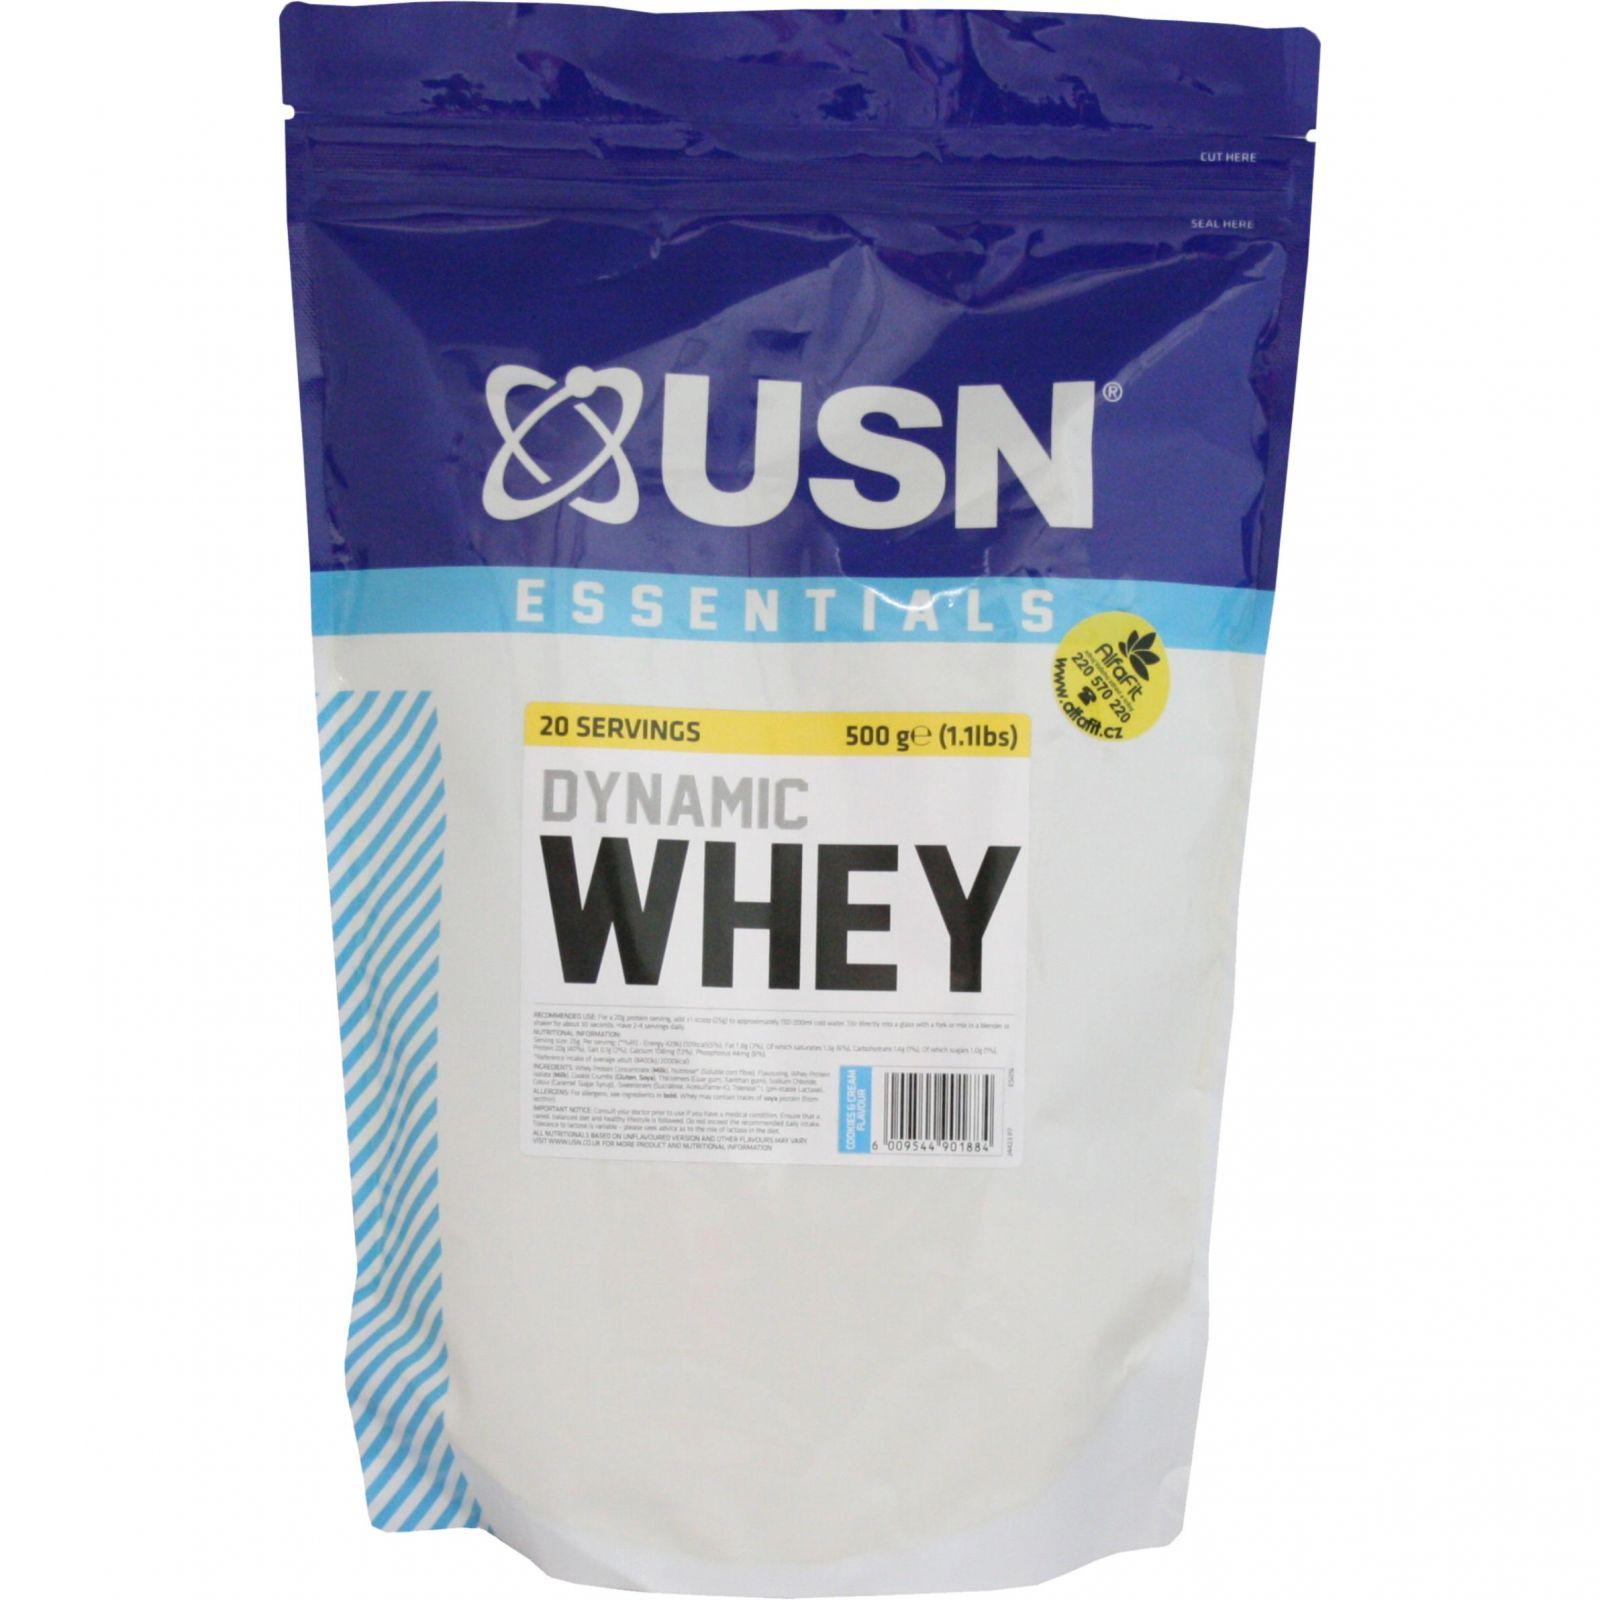 USN Essential Dynamic Whey 500 g